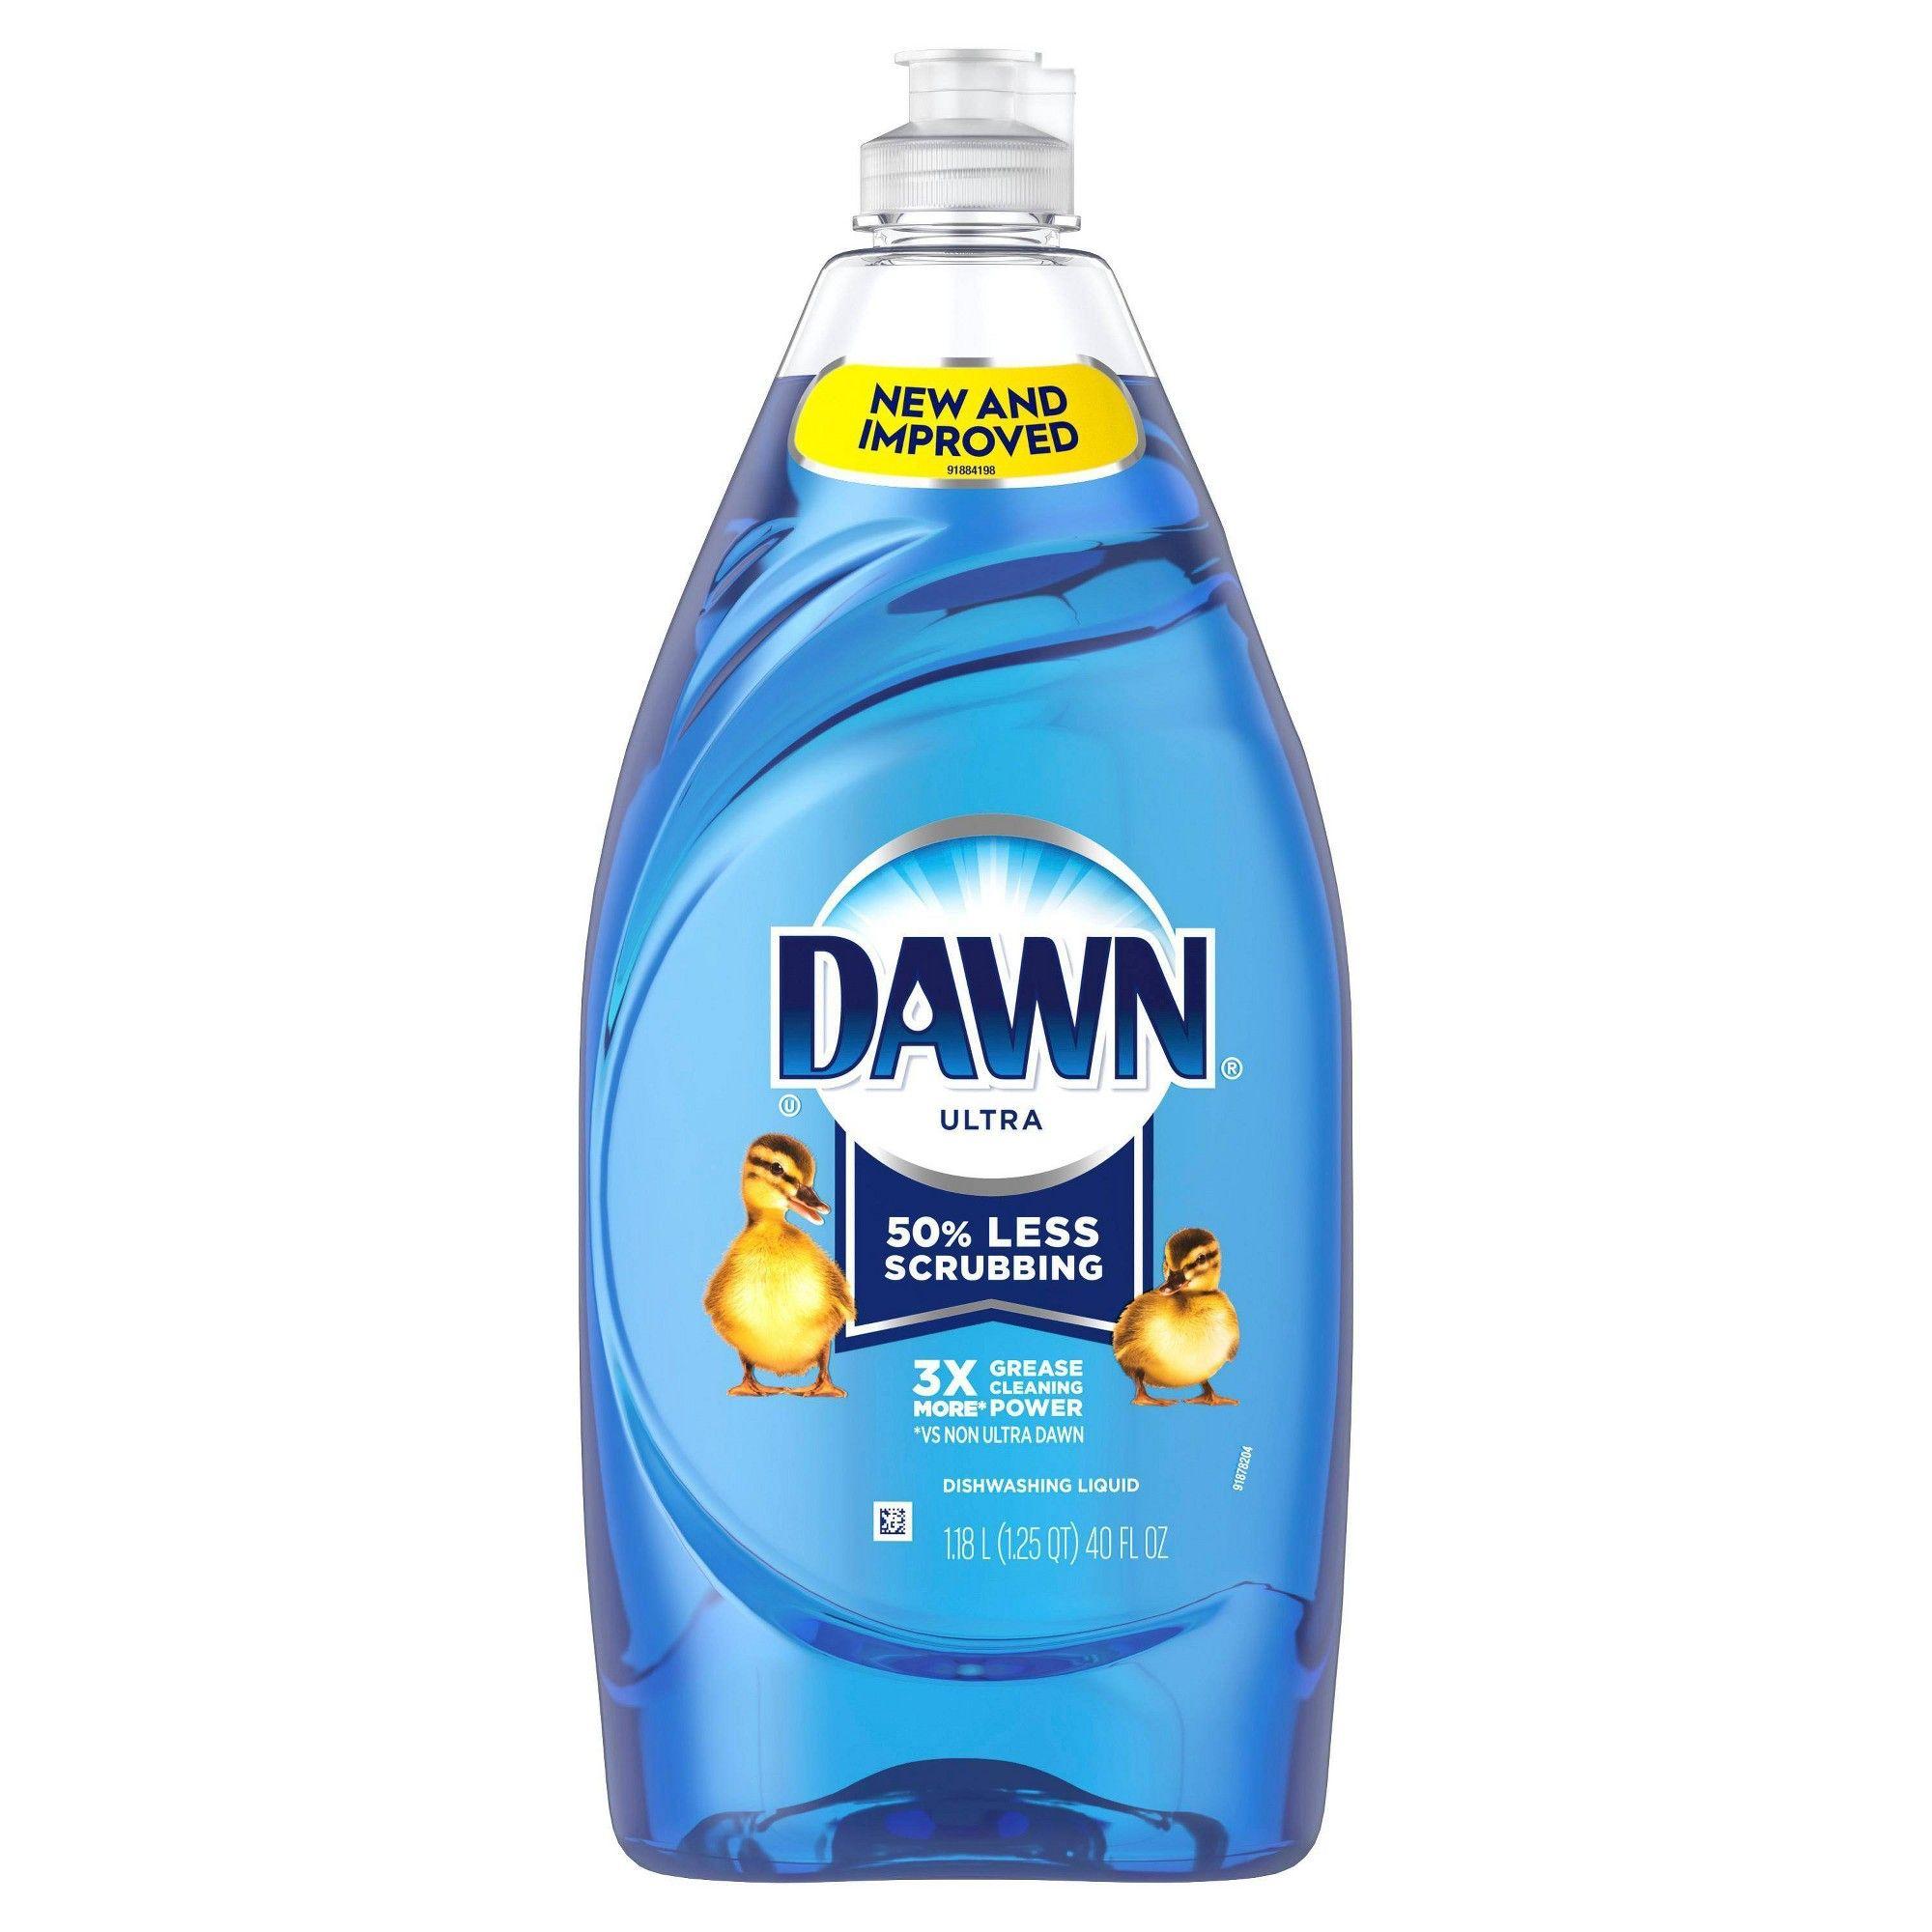 Dawn Ultra Dishwashing Liquid Dish Soap Original Scent 40 Fl Oz Dishwashing Liquid Liquid Dish Soap Dawn Dishwashing Liquid